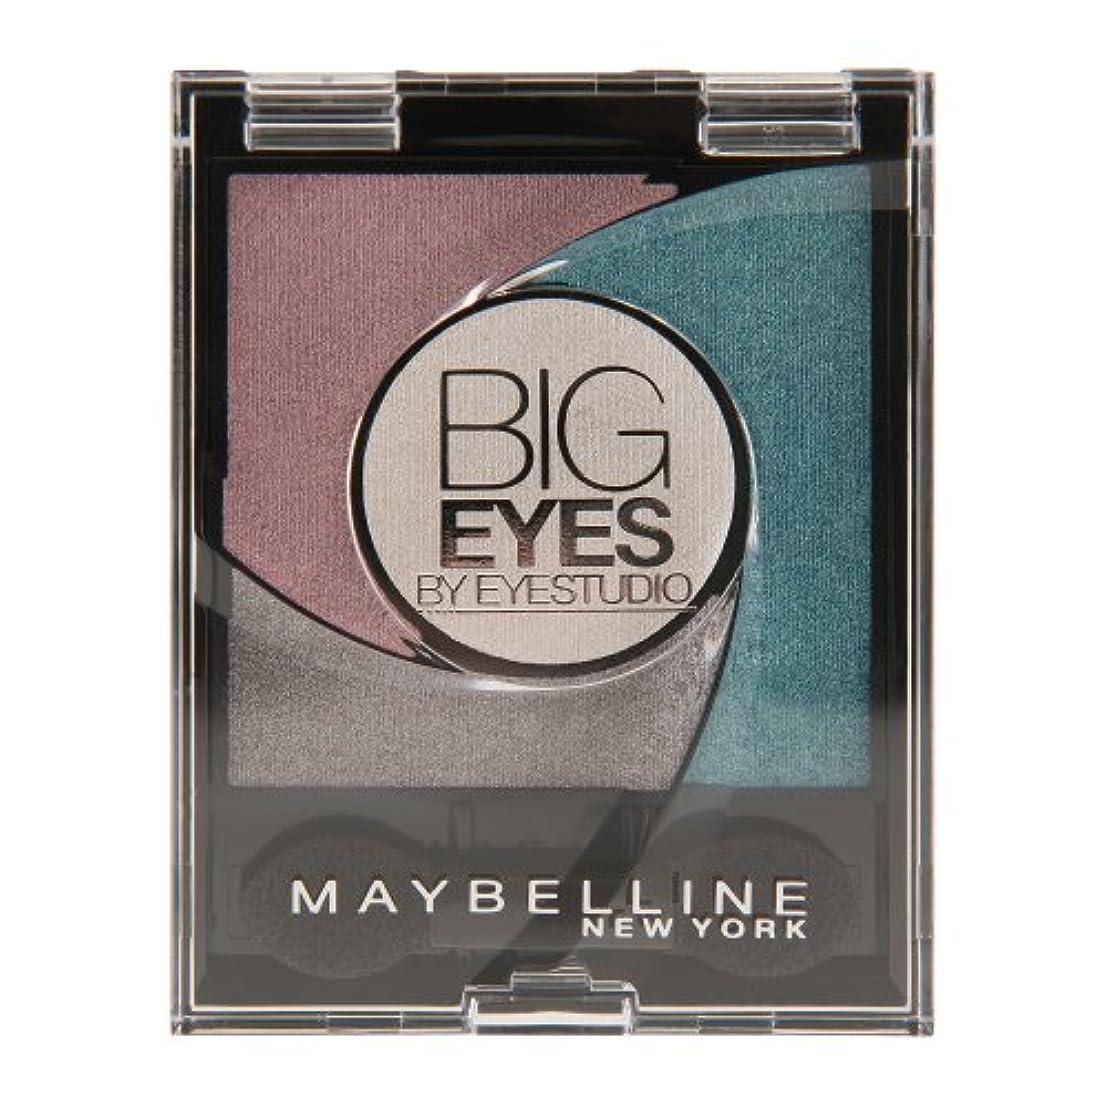 視聴者幻想恐ろしいMaybelline New York Lidschatten Eyestudio Big Eyes Palette Turquoise 03 / Eyeshadow Set in Türkis-Tönen mit Wet-Technologie...